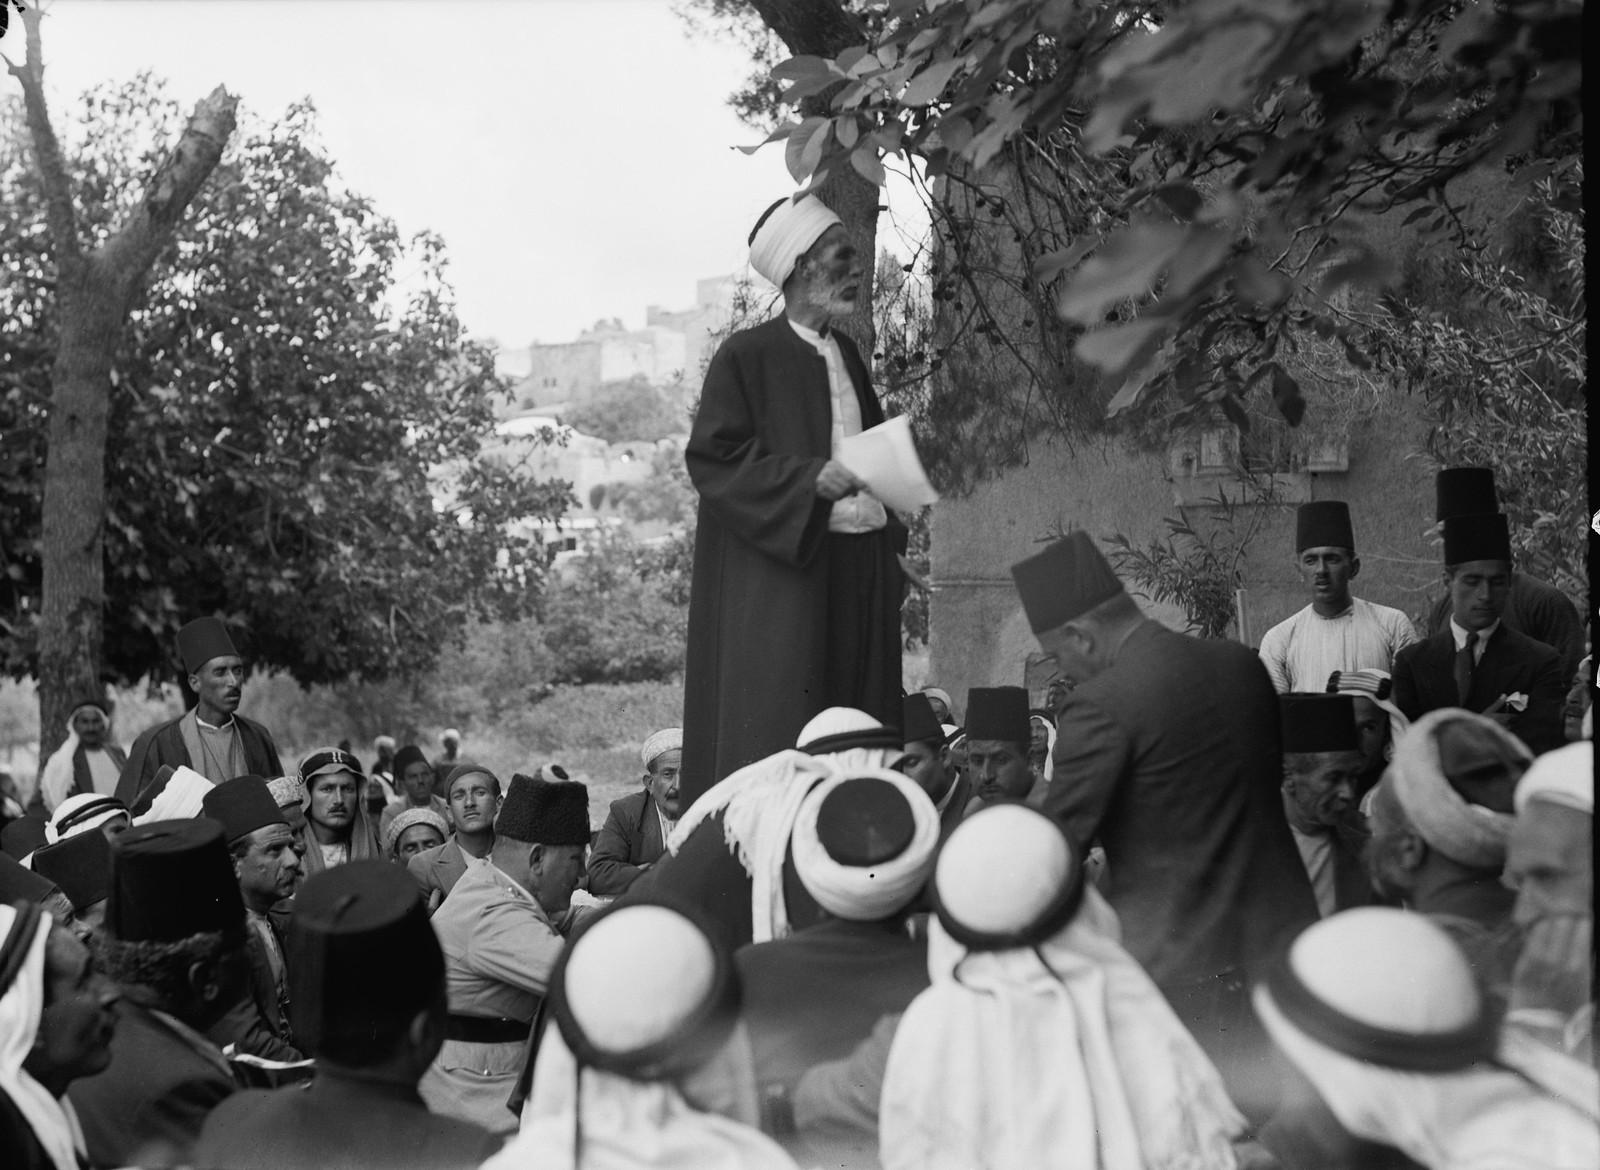 Мусульманский шейх выступает на большой арабской сходке в Абу-Гош